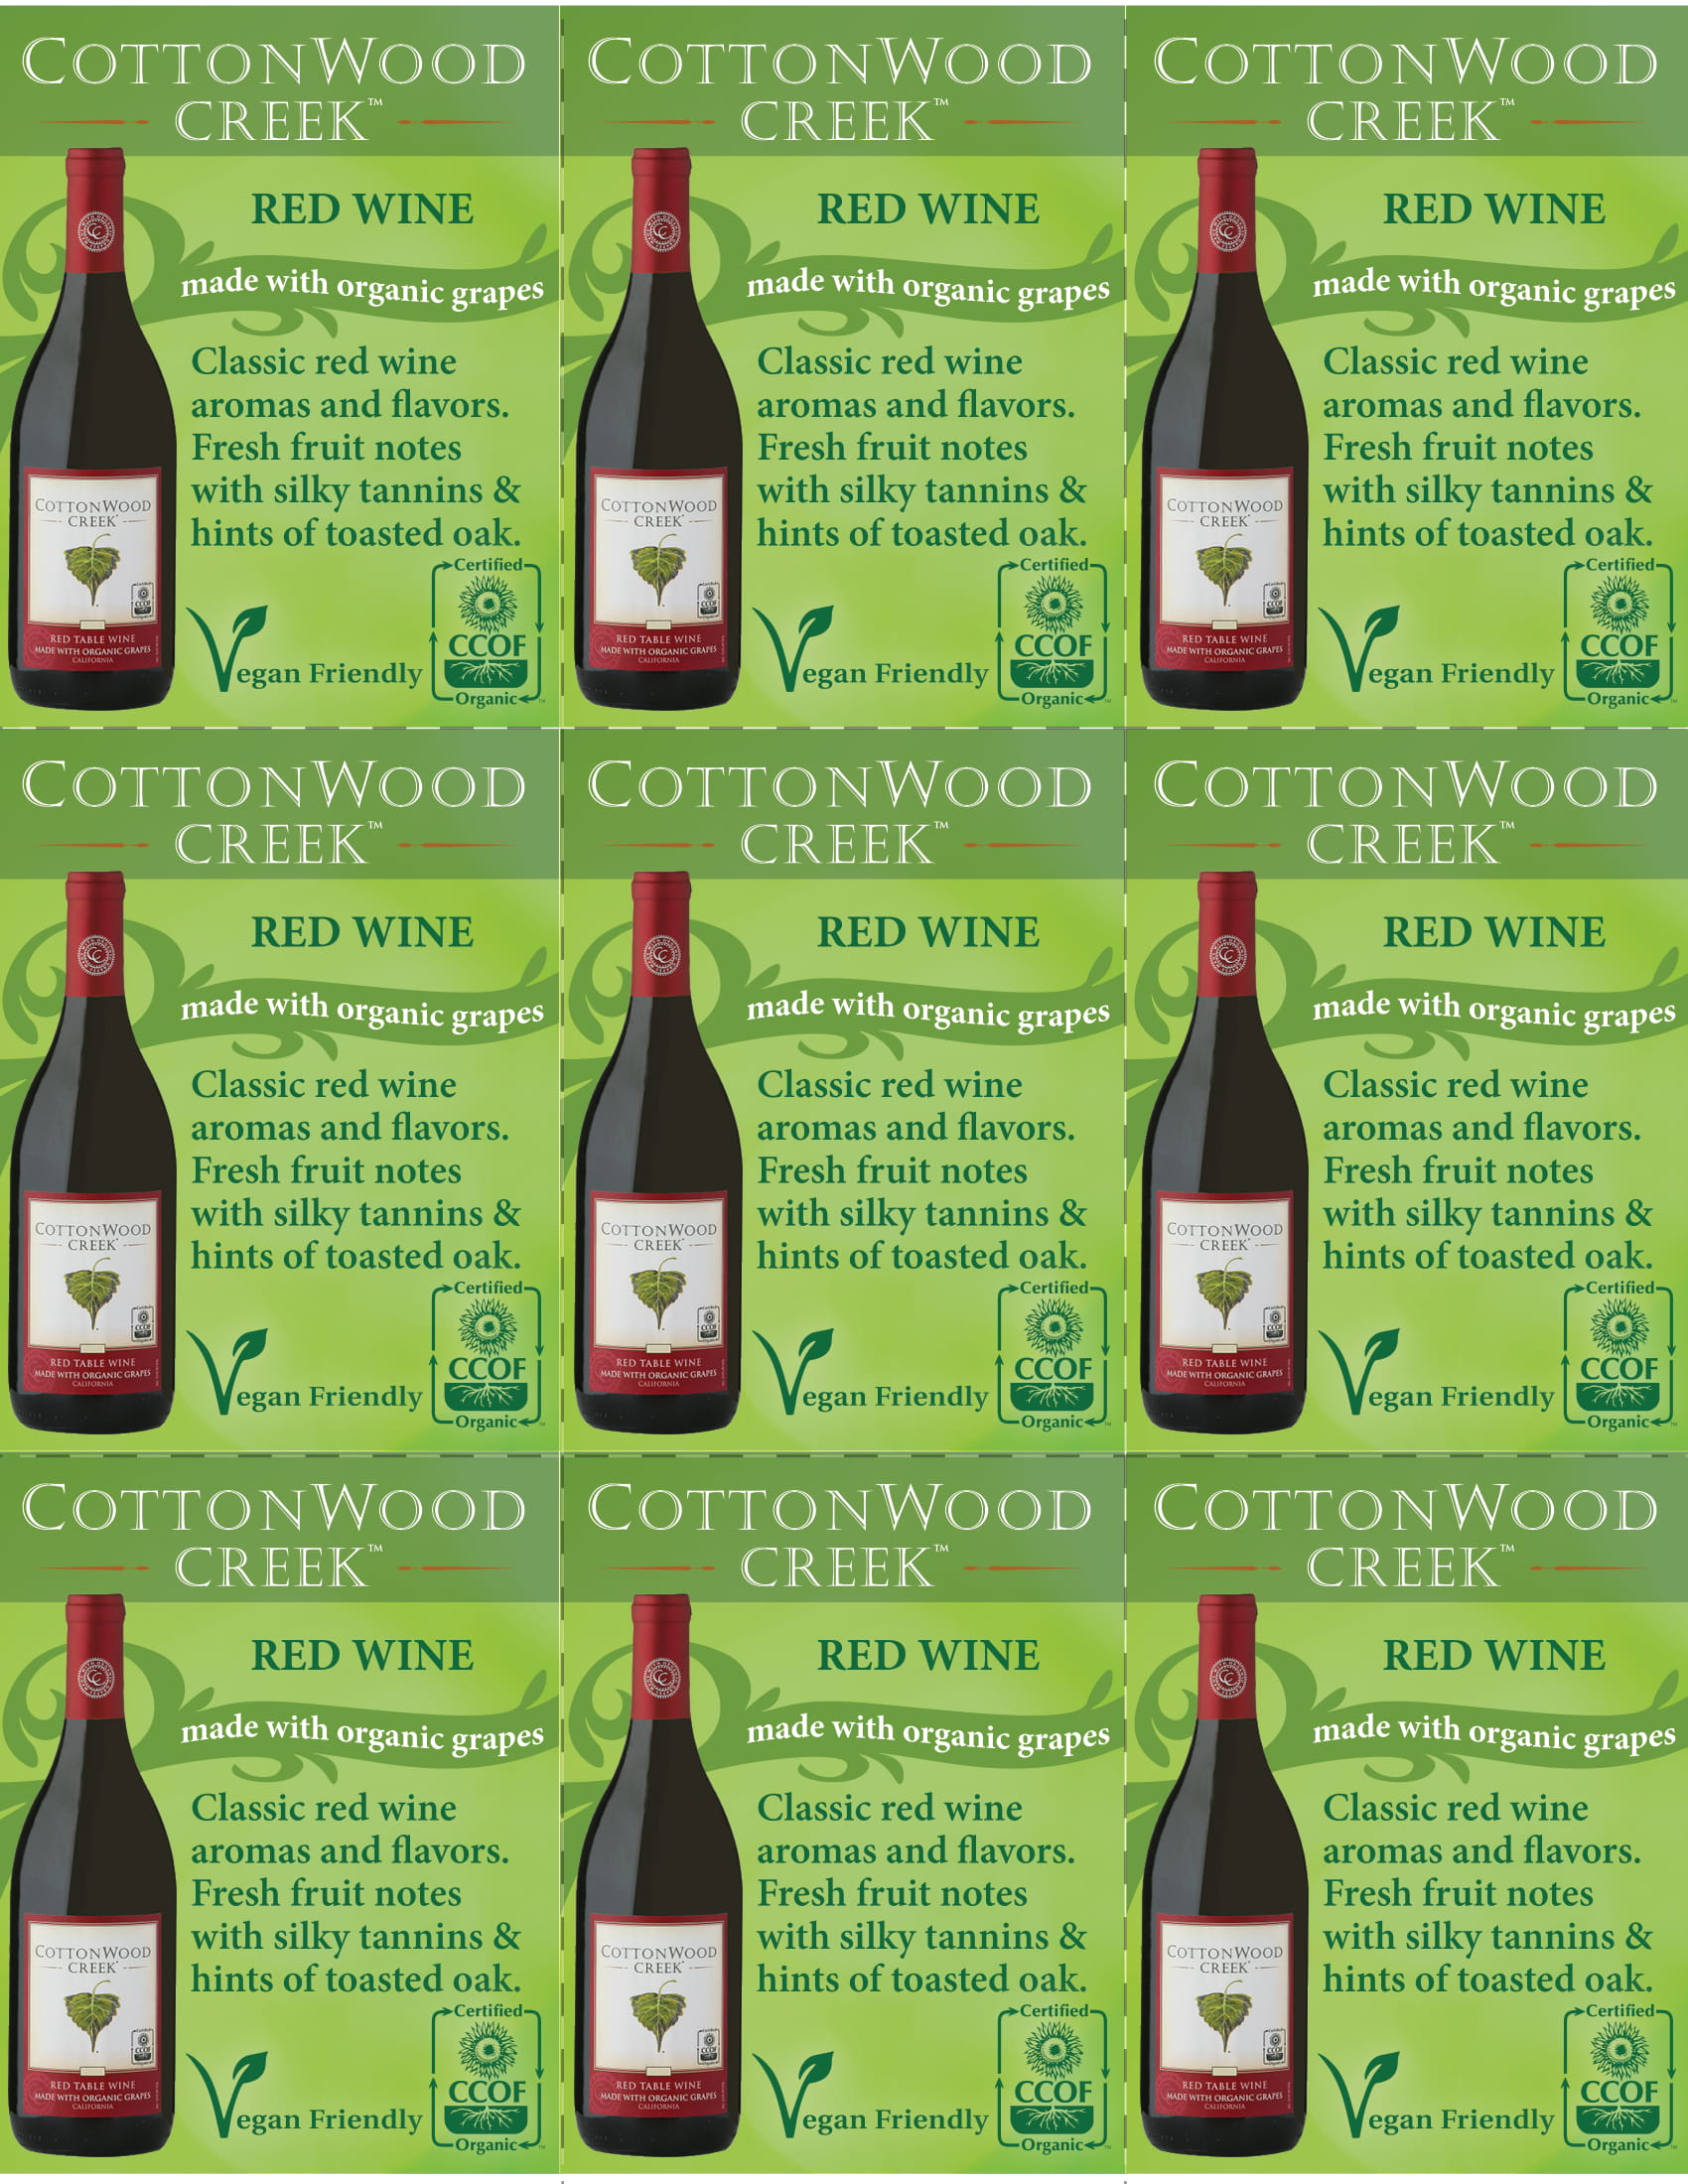 Cottonwood Creek Red Wine Shelf Talker